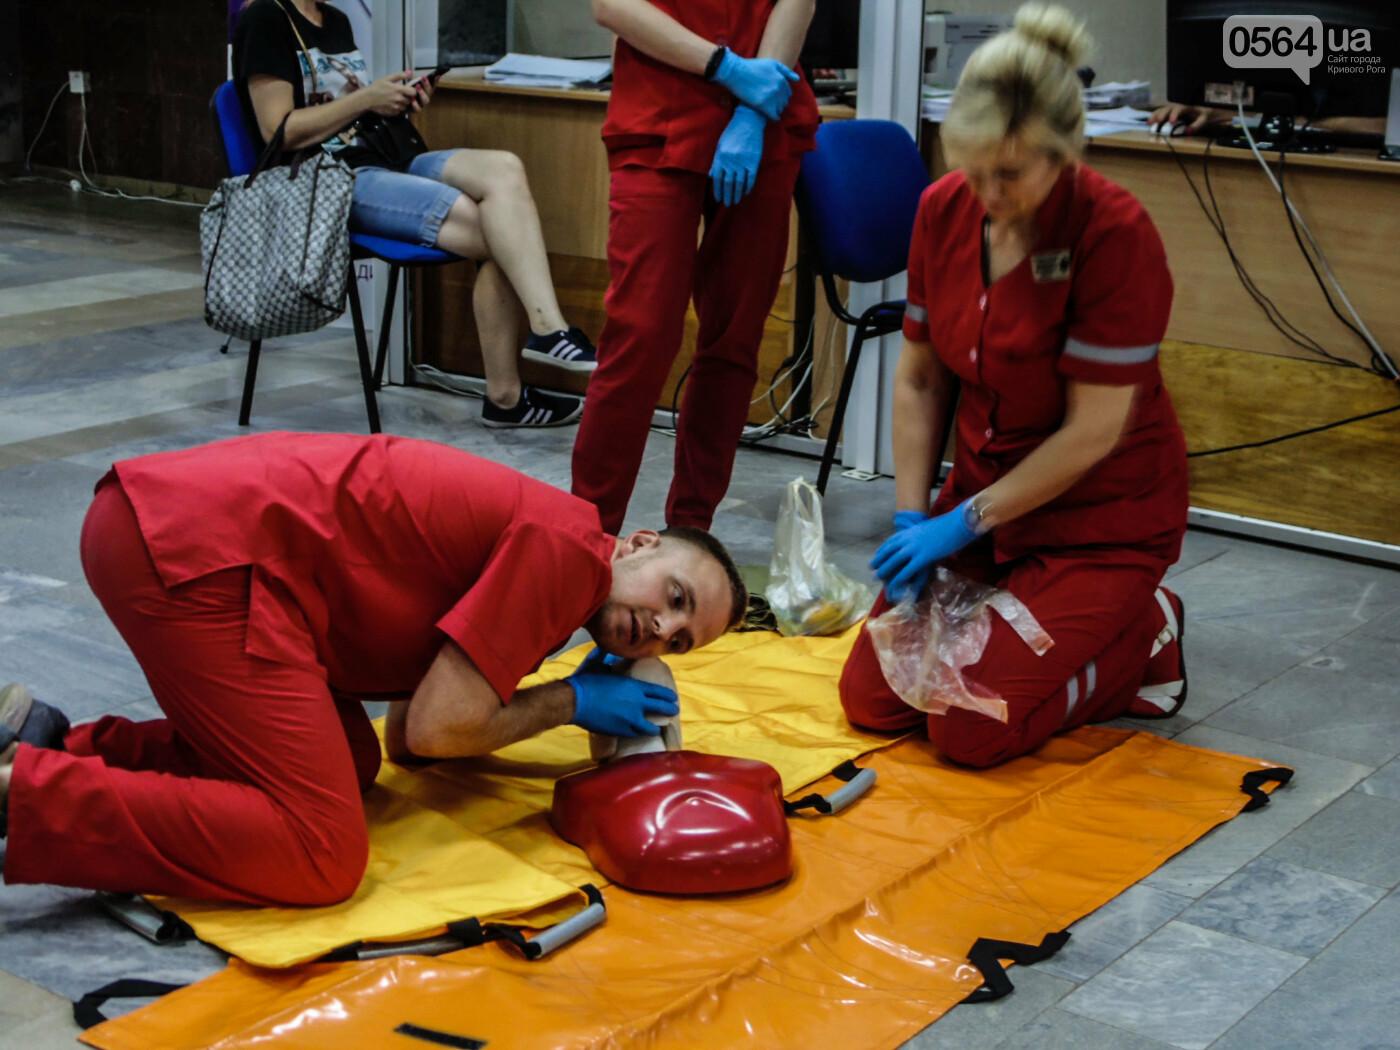 В Криворожском горисполкоме обучали оказывать людям первую медицинскую помощь, - ФОТО, ВИДЕО , фото-12